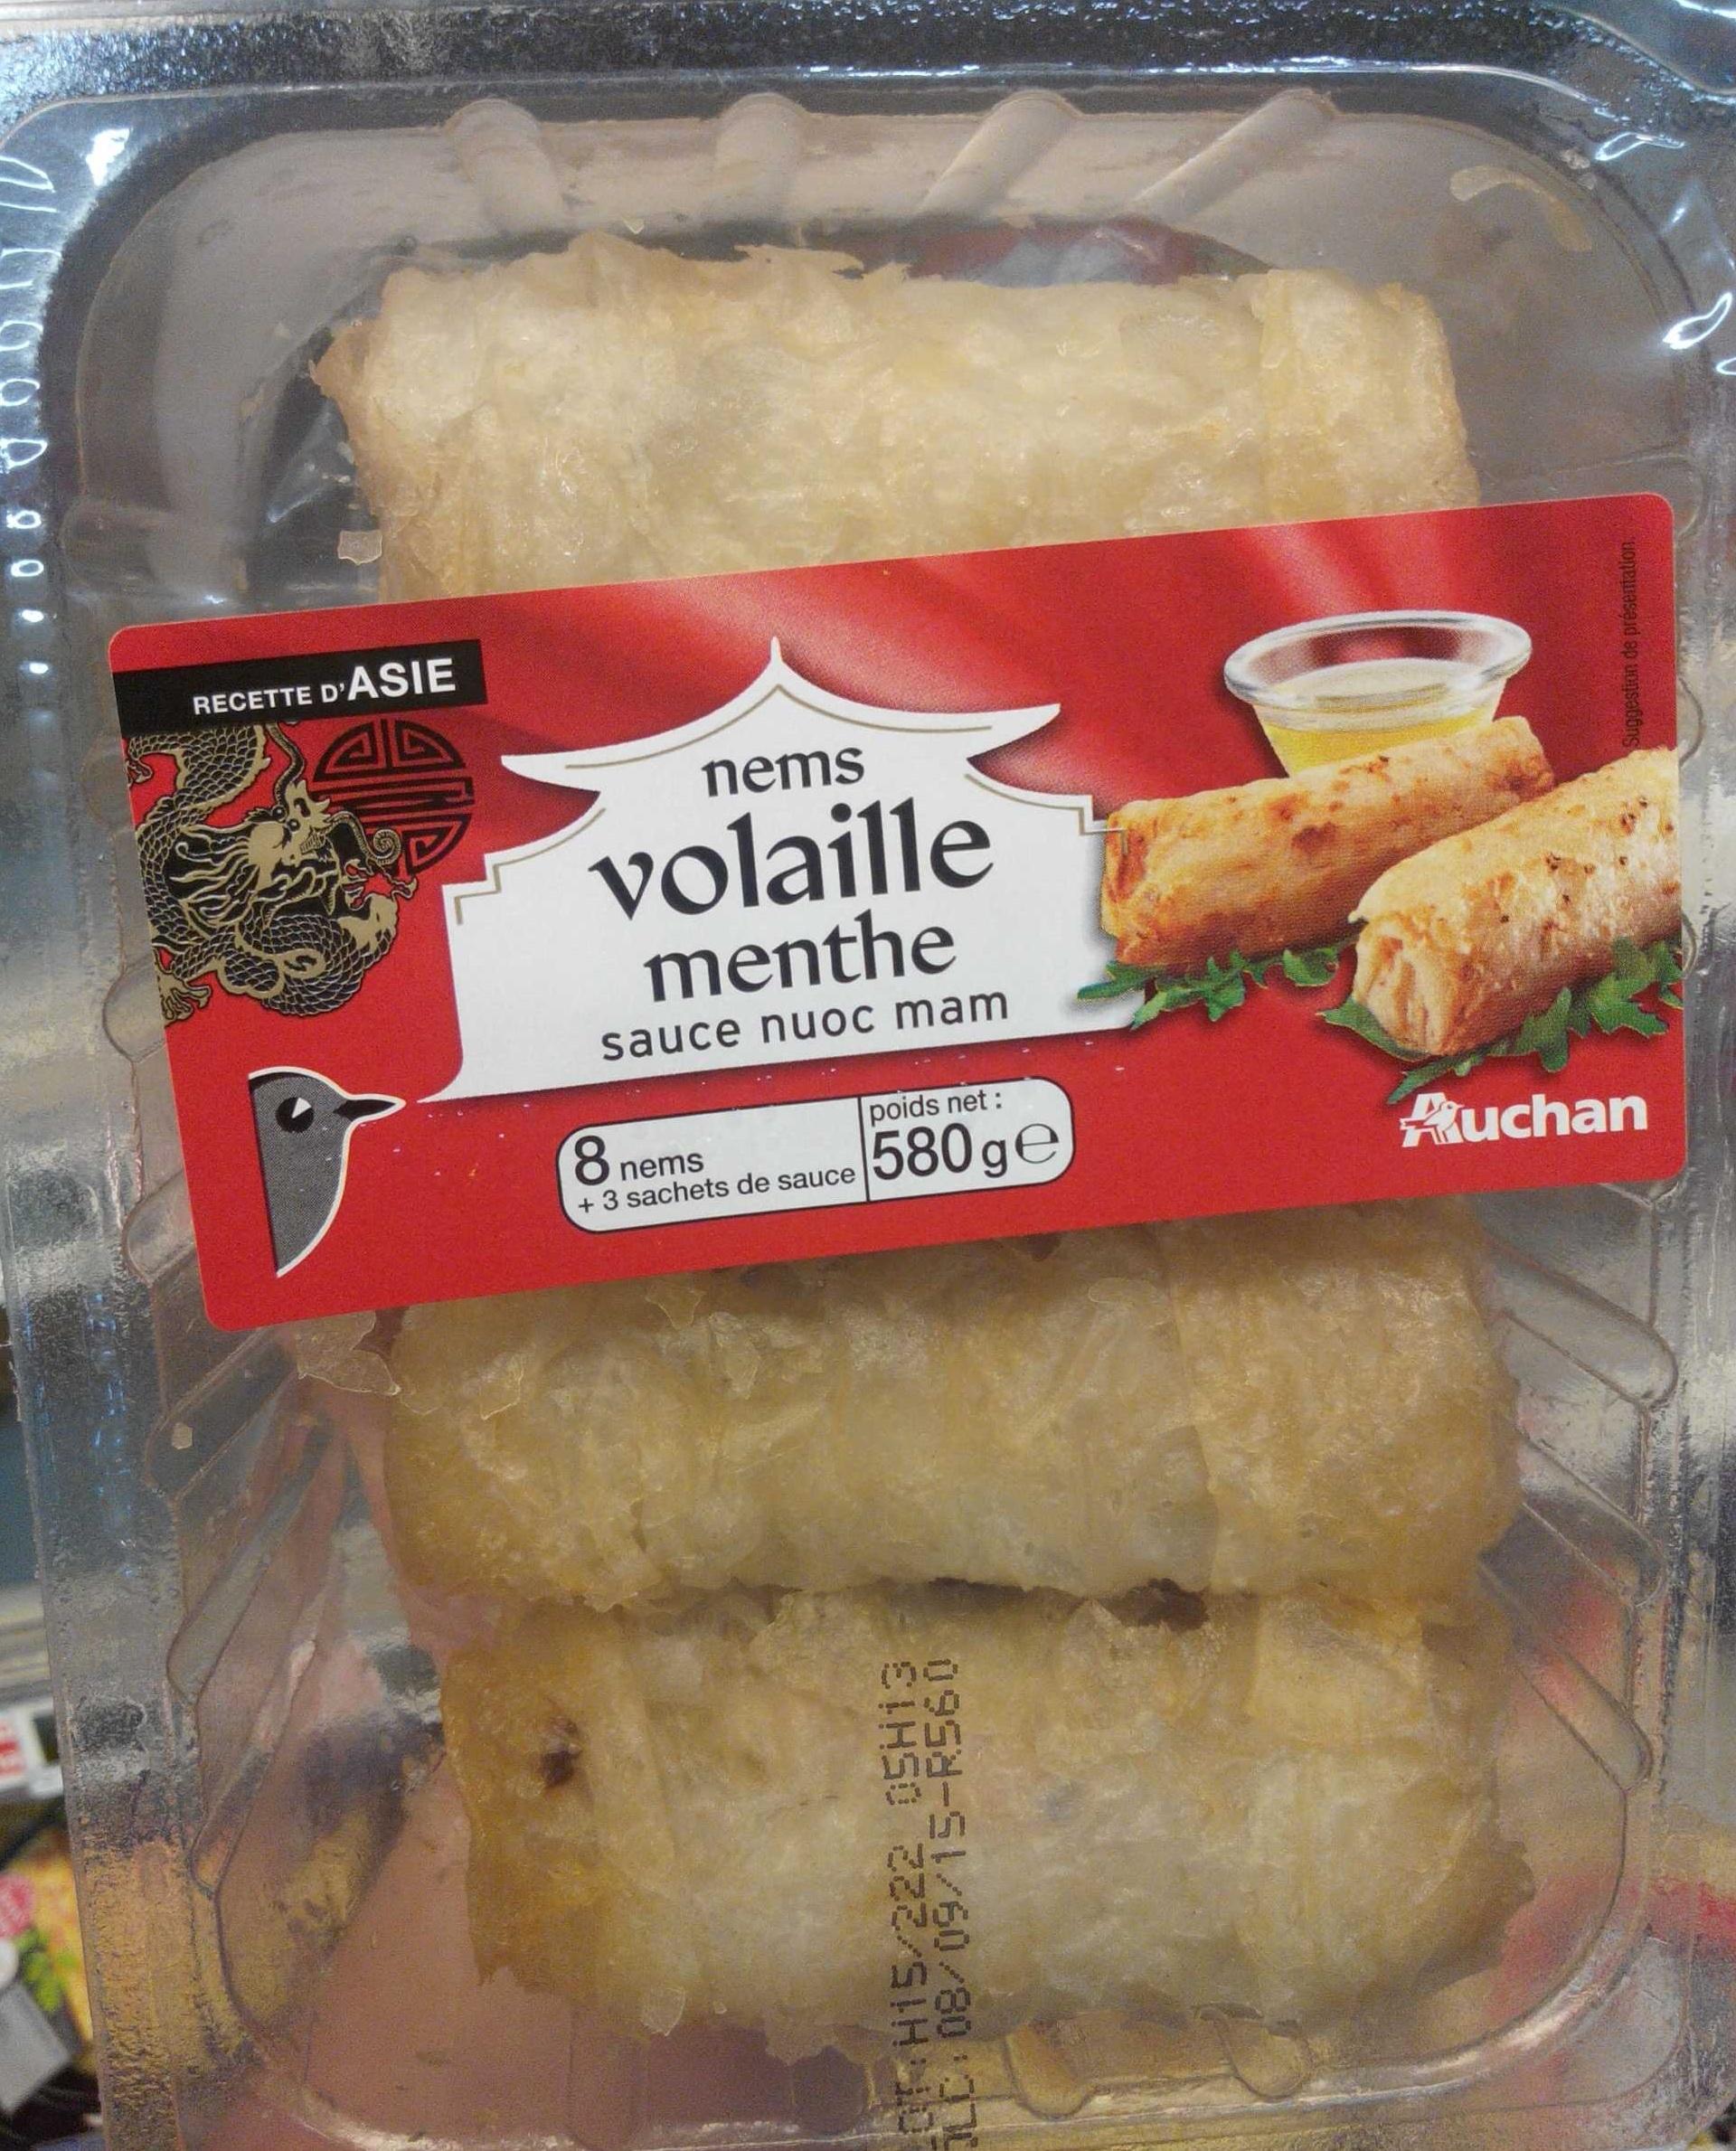 Nems volaille menthe sauce nuoc mam (8 nems + 3 sachets de sauce) - Product - fr